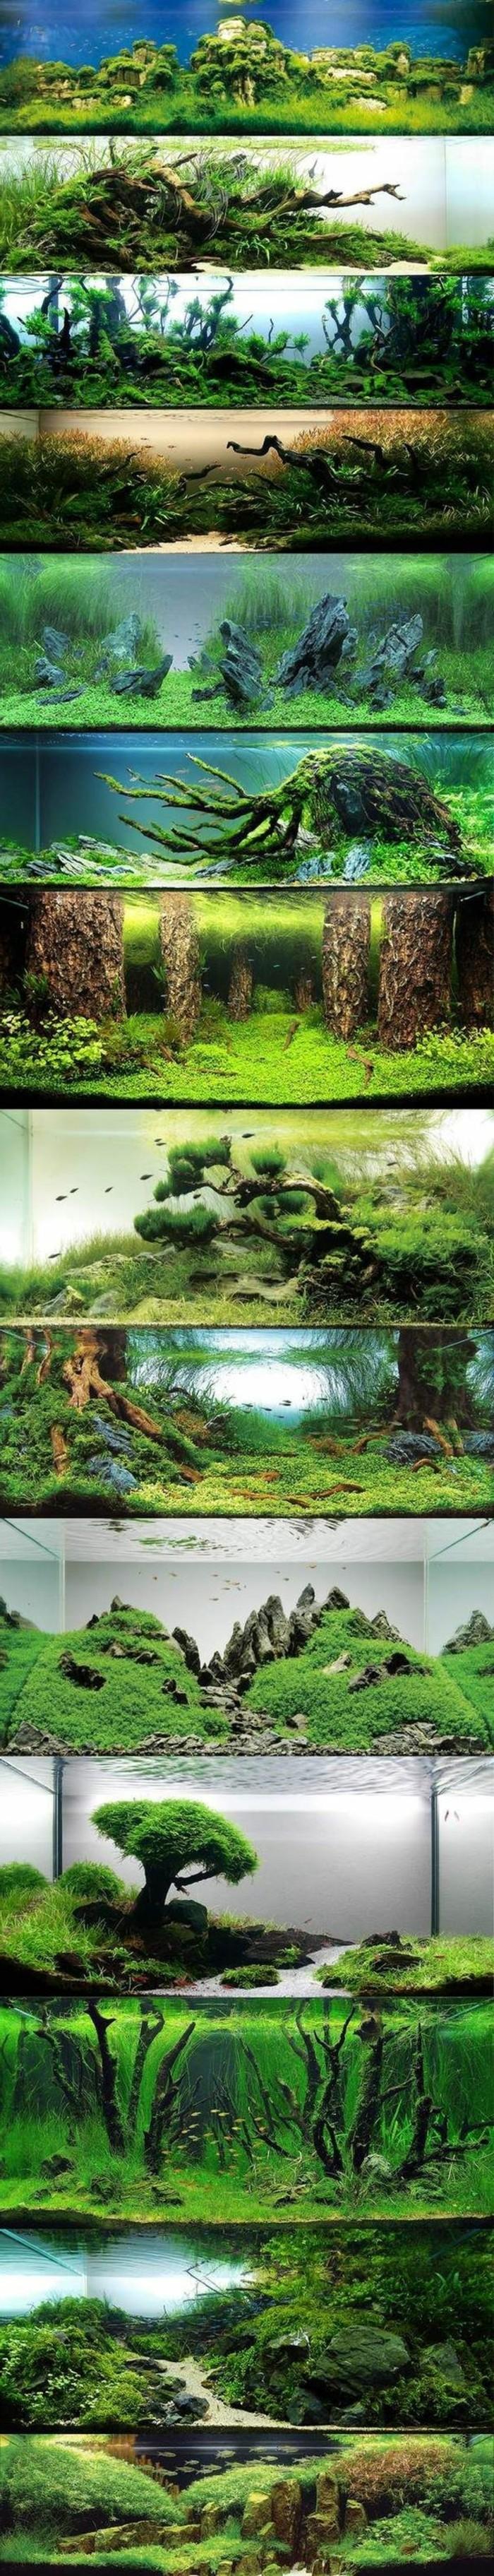 aquarium-gestaltung-beste-ideen-fotocollage-die-welt-unter-wasser-meerespflanzen